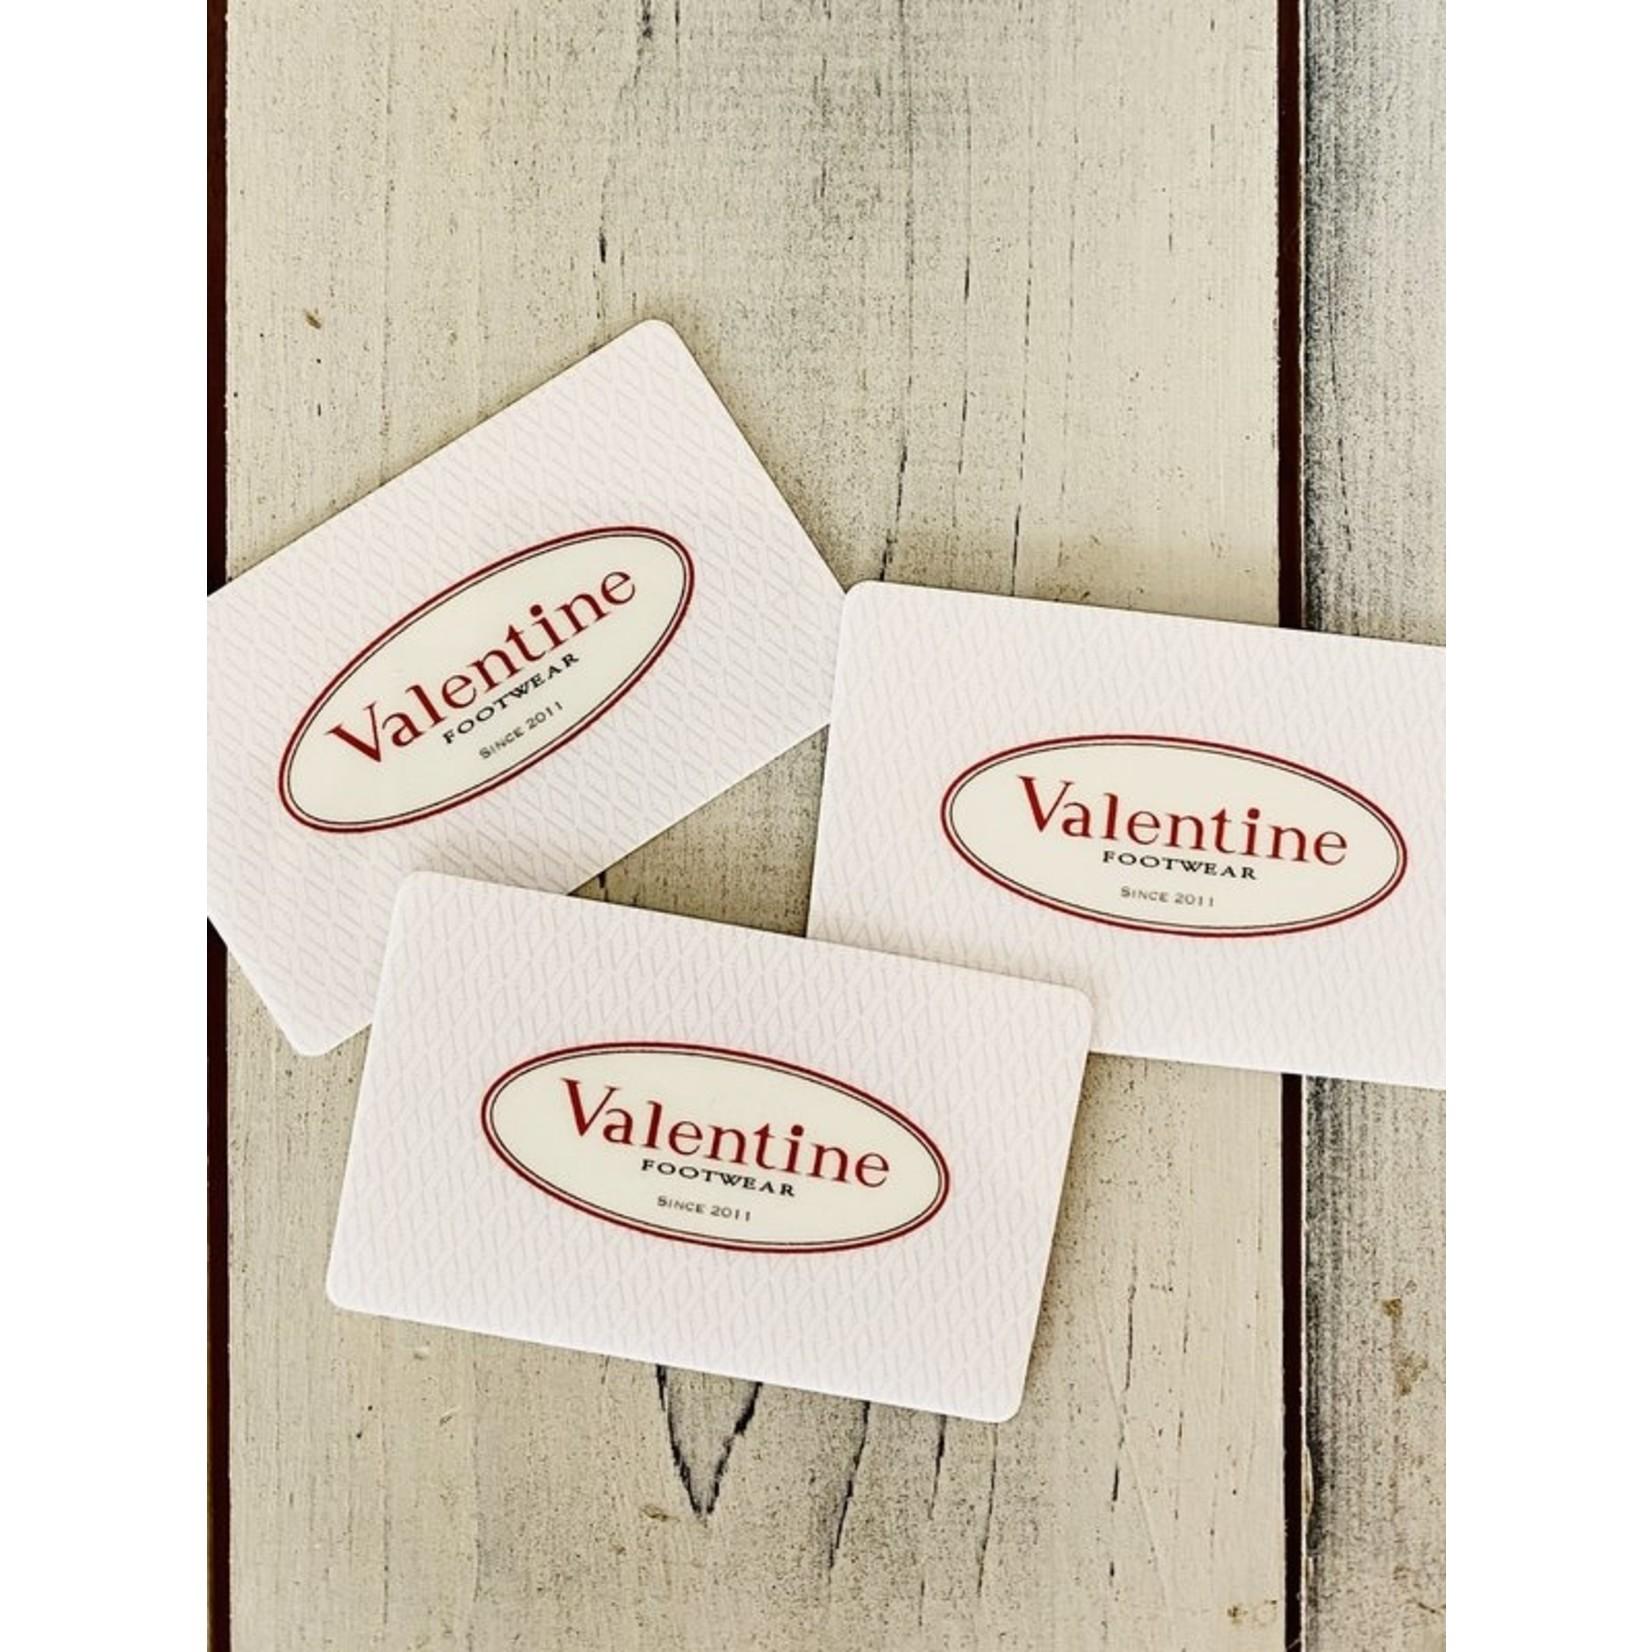 Valentine Footwear $150 Gift Card